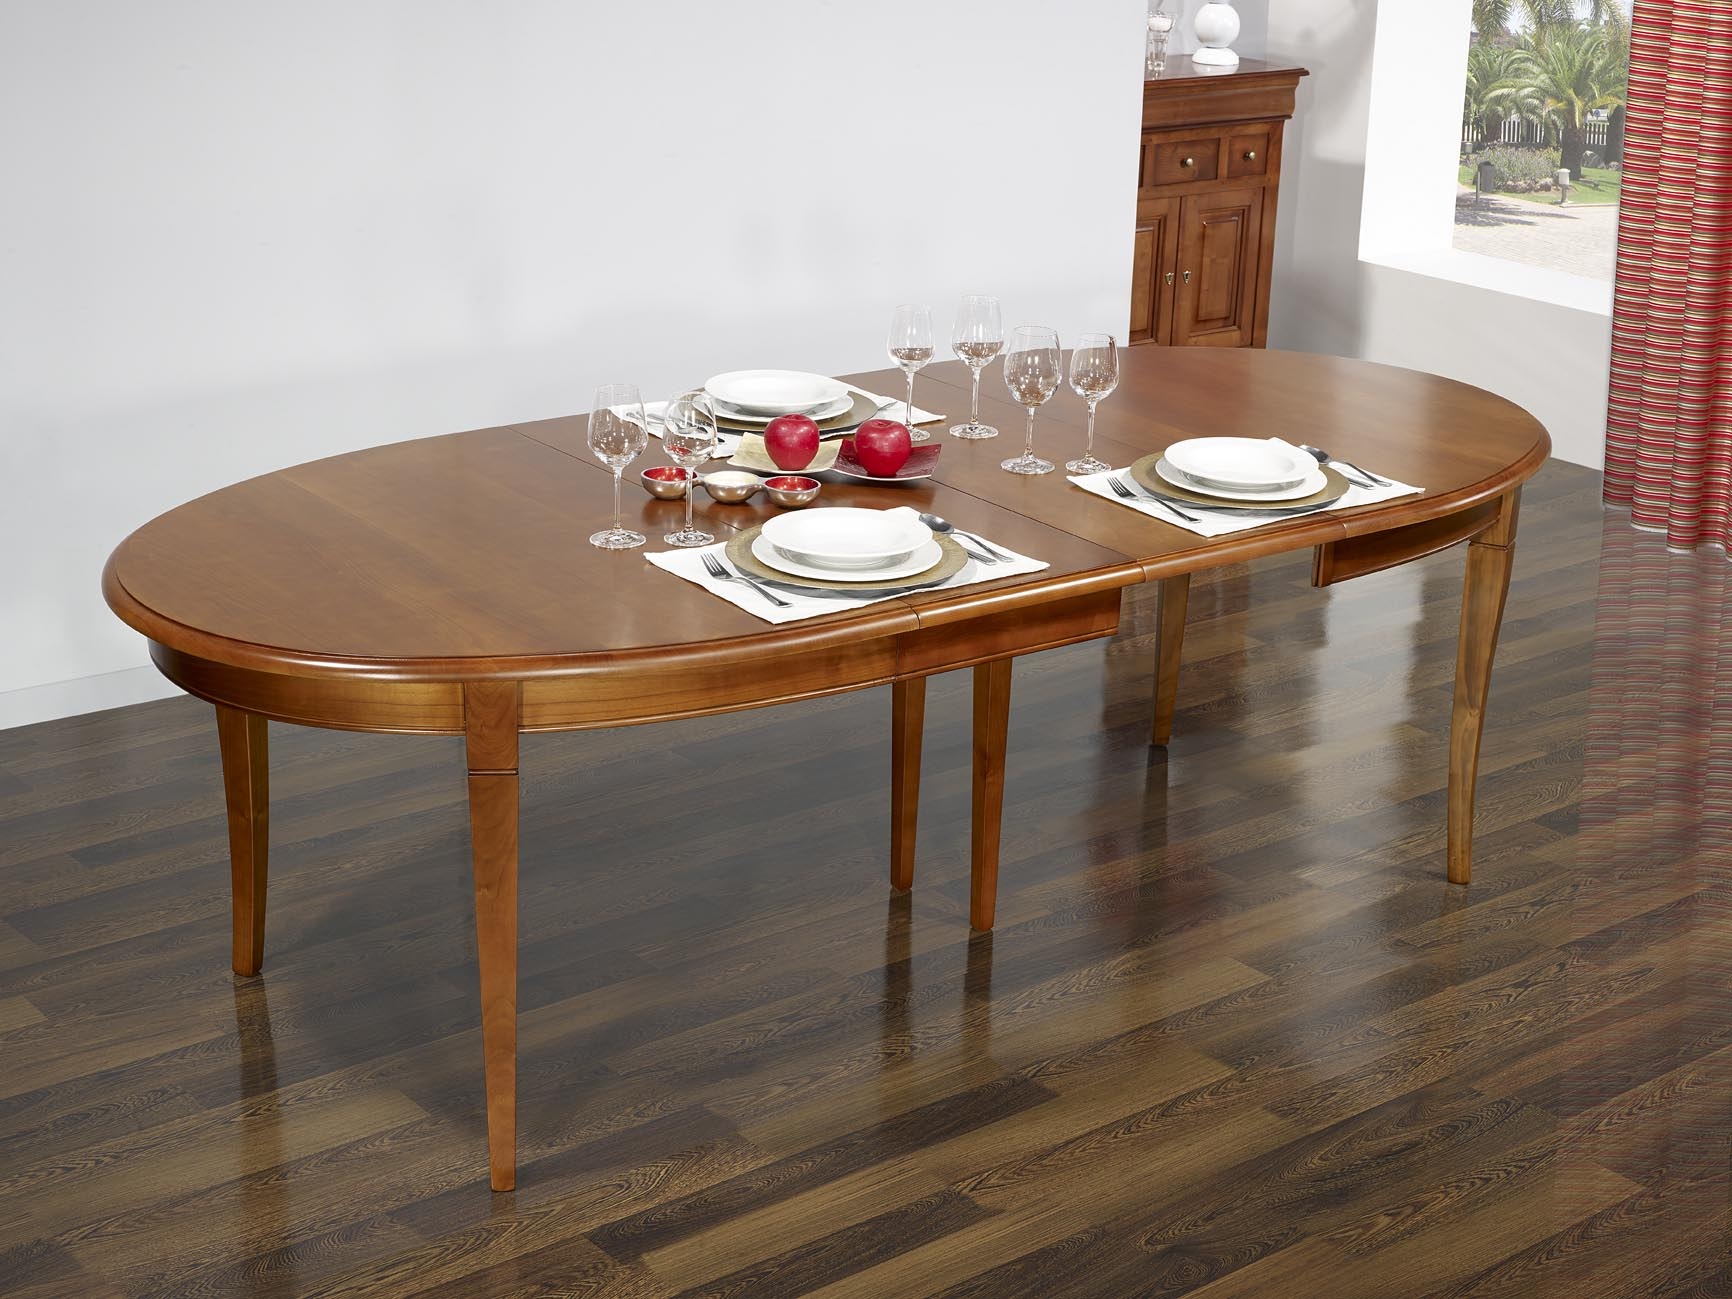 Mesas de comedor ovaladas juego de comedor vesta mesa for Comedor wood trendy